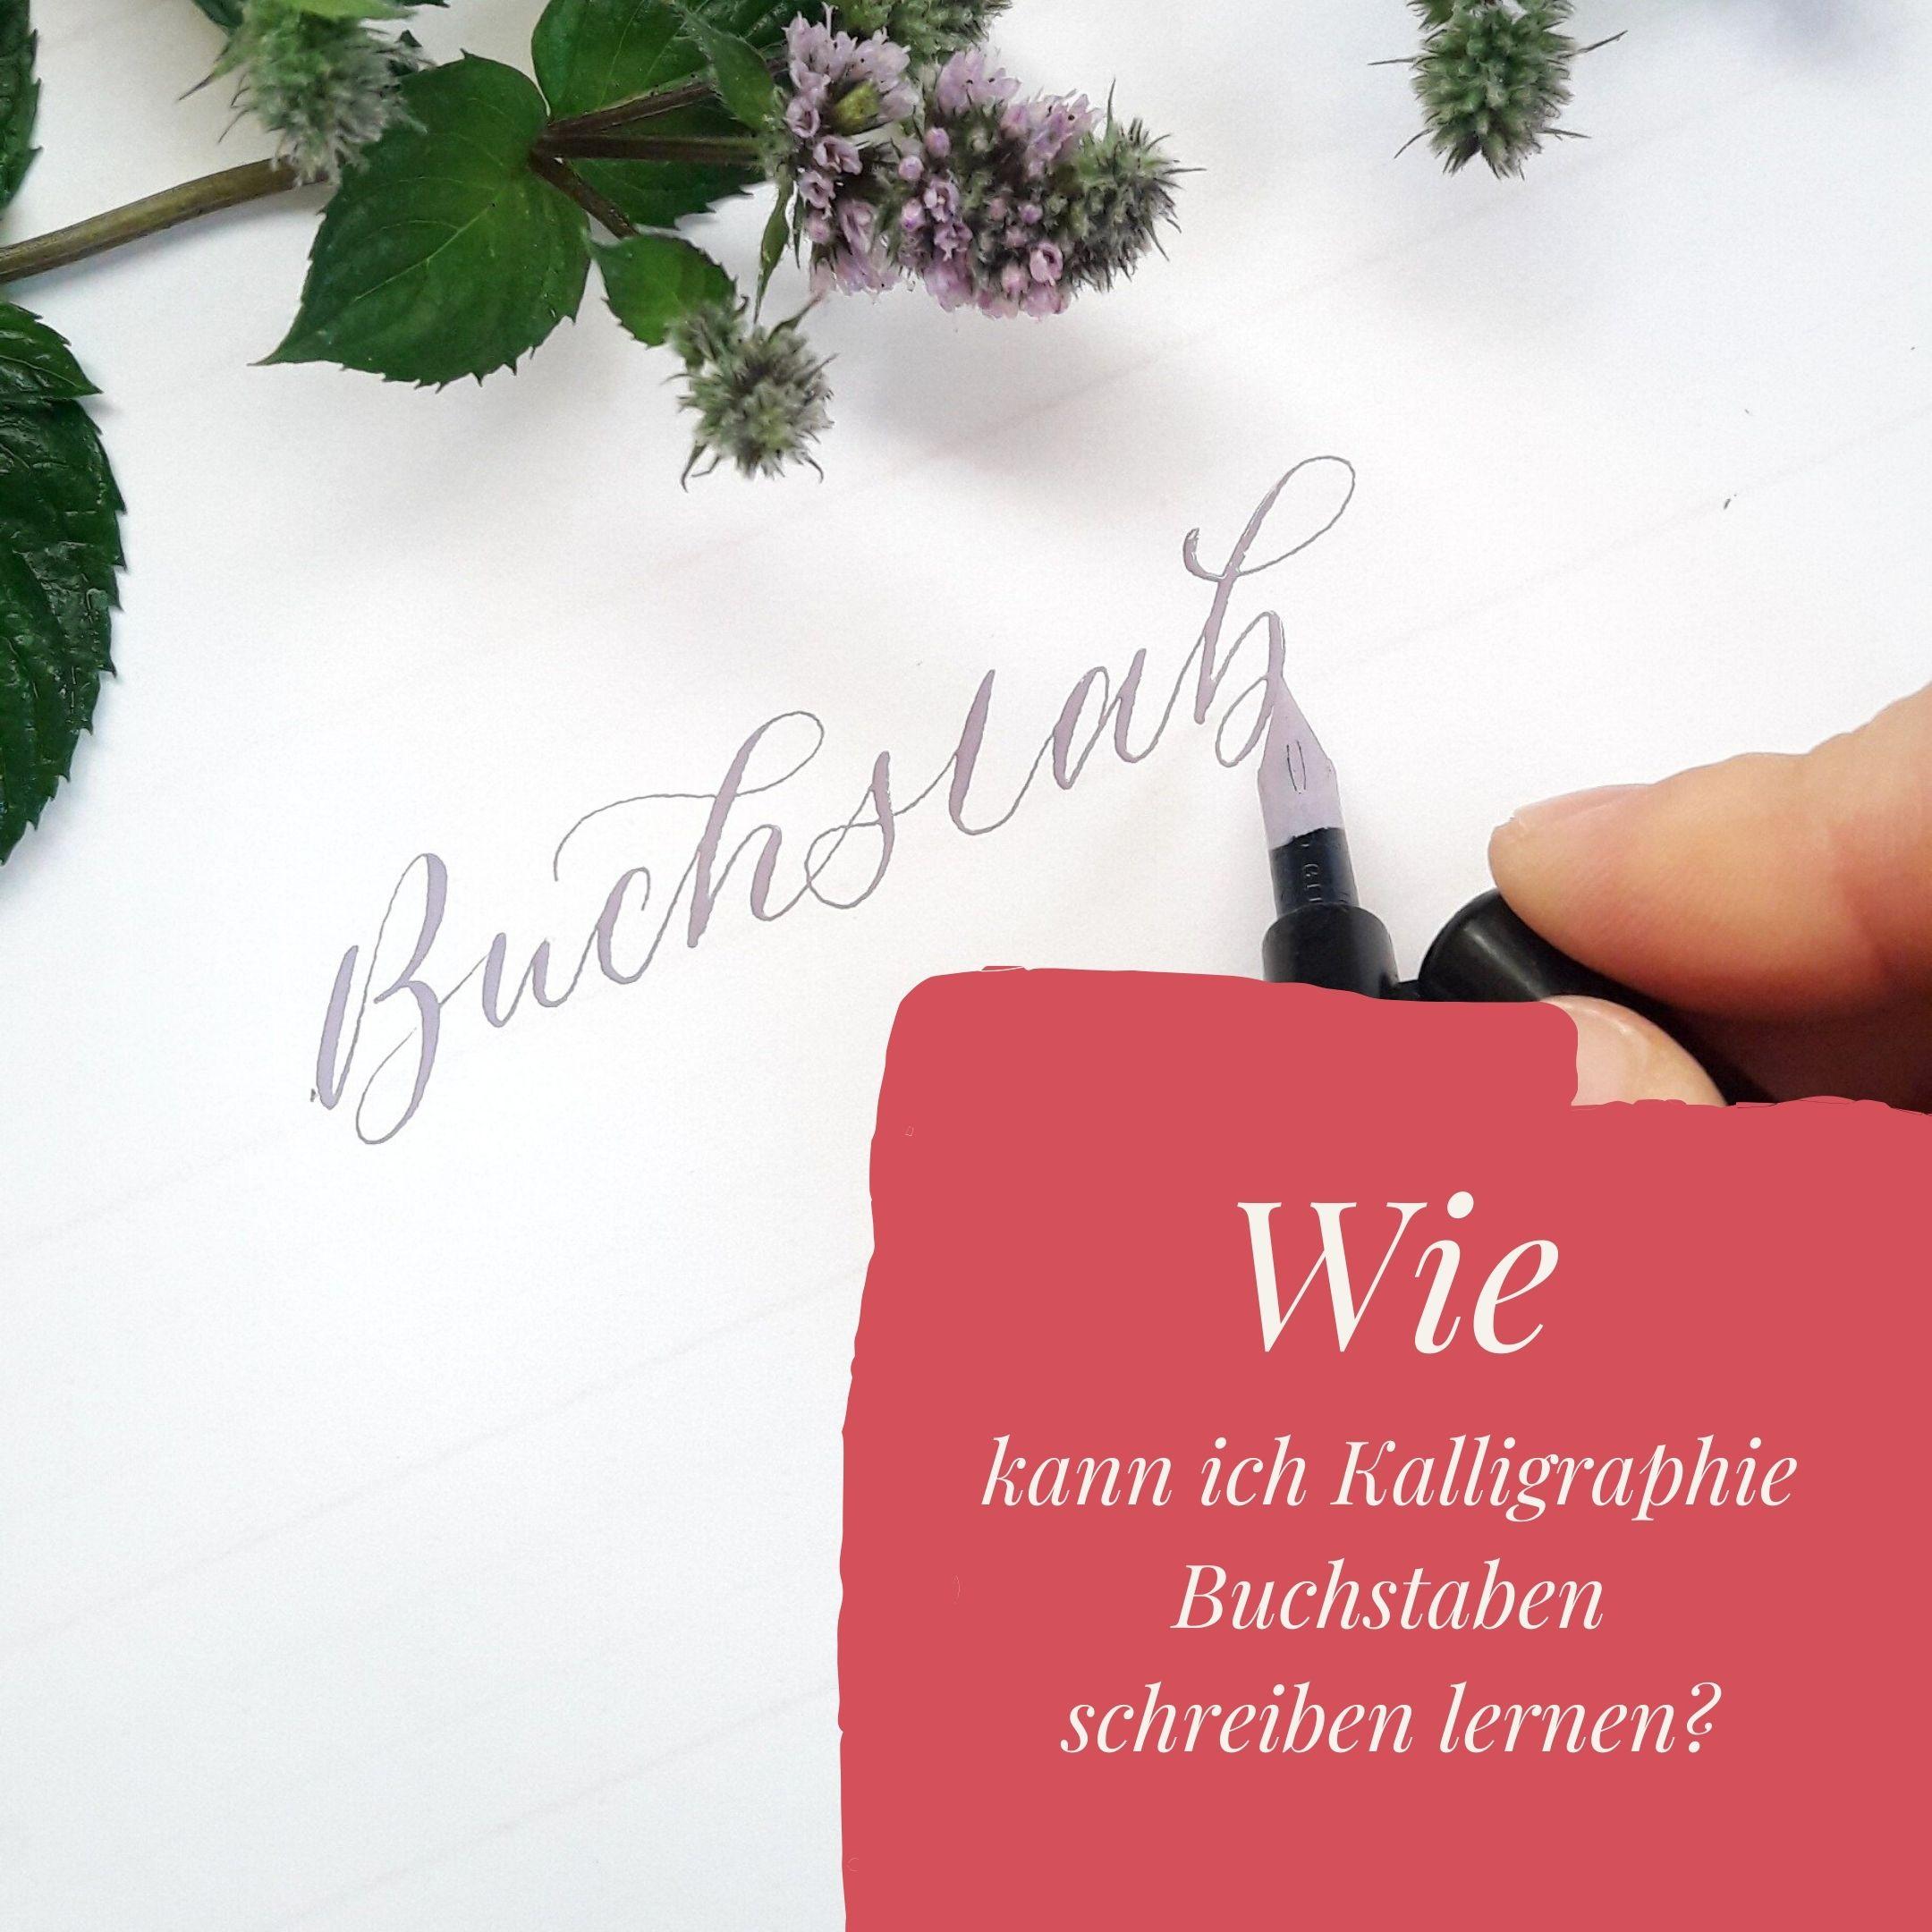 Kalligraphie Buchstaben schreiben lernen Blog irma link